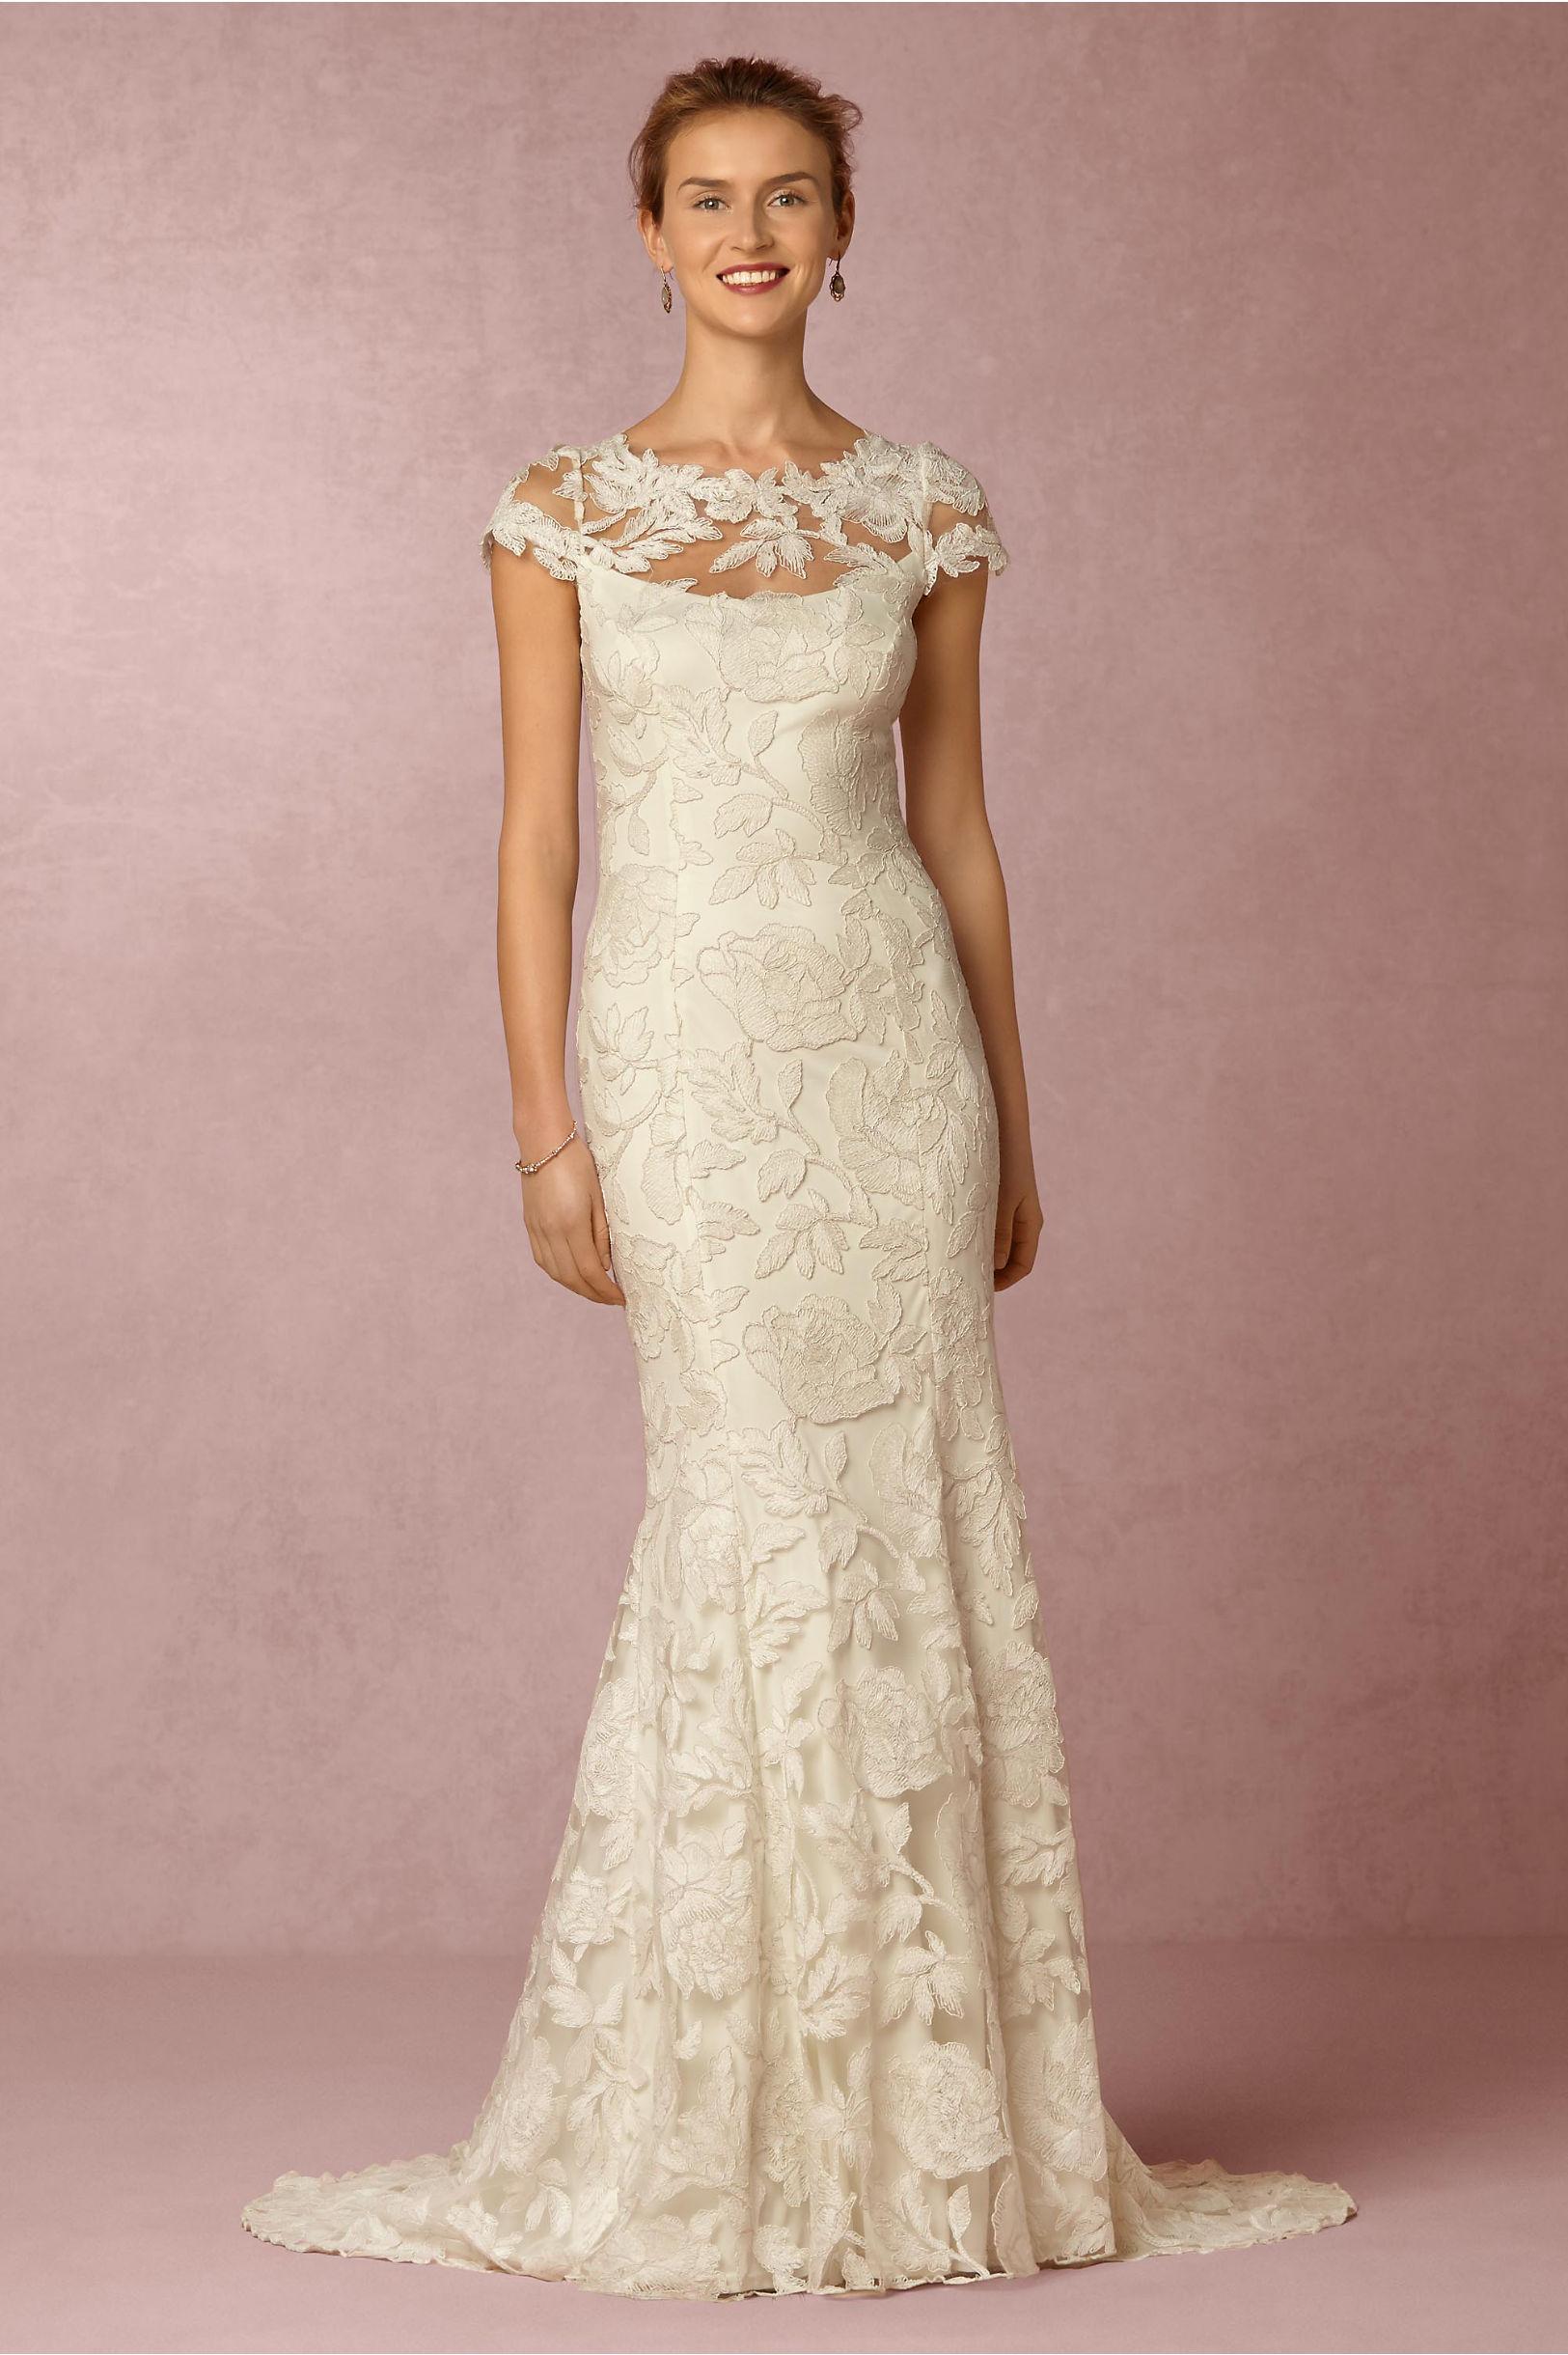 elinor gown wedding dresses for sale Tadashi Shoji Ivory Elinor Gown BHLDN